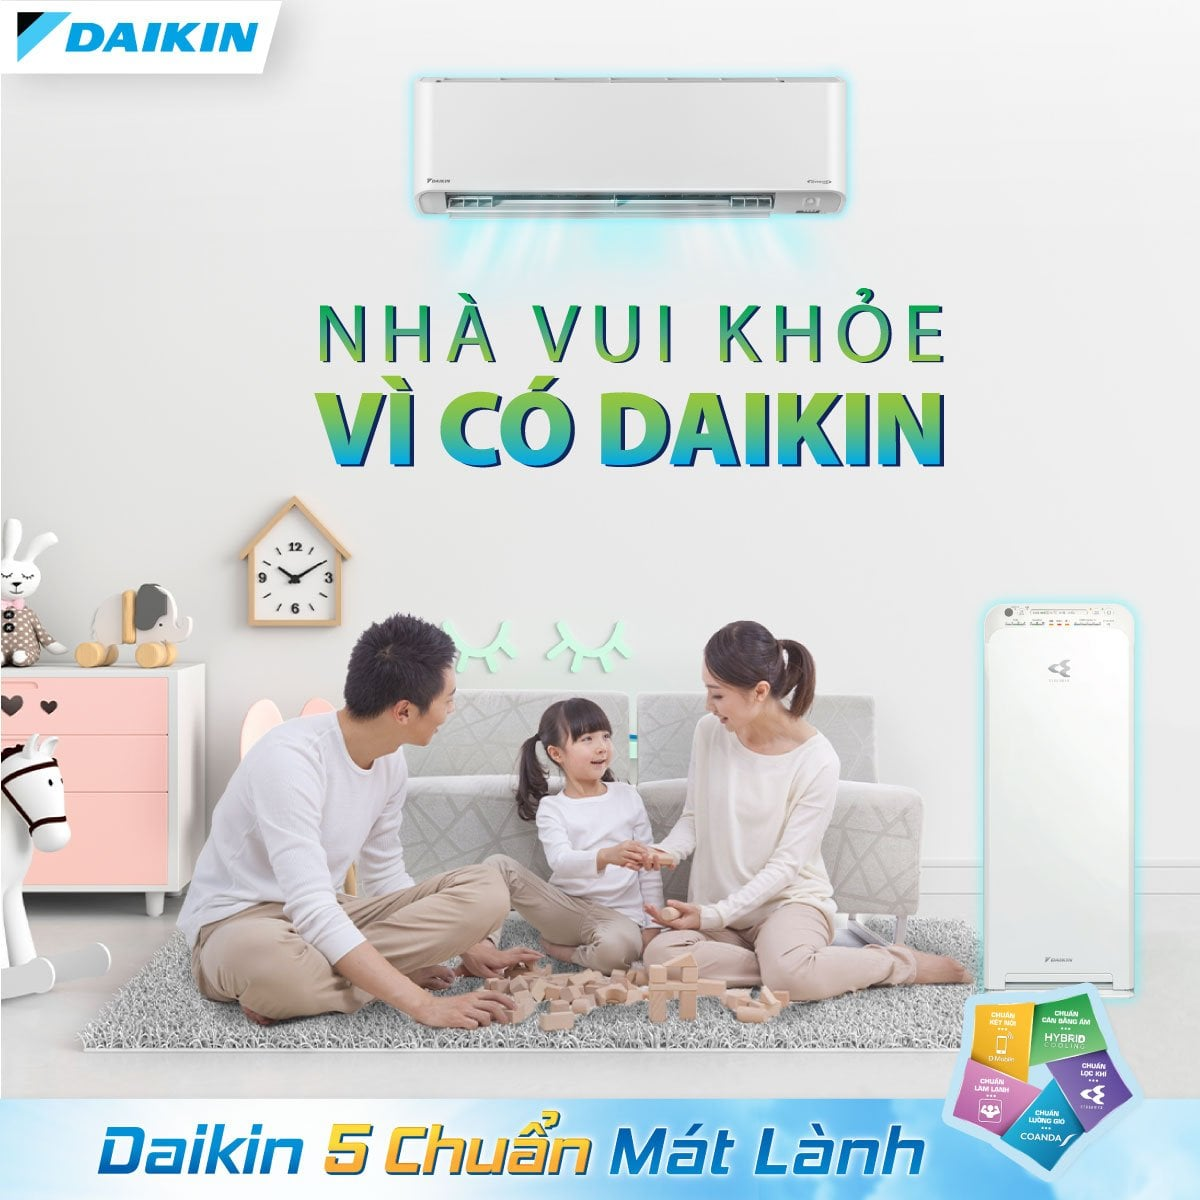 Máy lạnh Daikin chuẩn mát lành giá tốt tại Hồ Chí Minh   Năm 2021, máy lạnh Daikin mang đến 5 chuẩn mực mới của sự thoải mái không chỉ làm mát, lọc sạch không khí mà còn bảo vệ sức khỏe. Vậy 5 chuẩn đó là gì.    Daikin đã ứng dụng 5 chuẩn mát lành lên các sản phẩm máy lạnh, không chỉ mang lại sự thoải mái tối ưu mà còn bảo vệ sức khỏe khách hàng, phòng ngừa bệnh hô hấp và còn đem lại sự tiện nghi, cụ thể:  Chuẩn lọc khí: Công nghệ Streamer và phin lọc Enzyme Blue. Chuẩn cân bằng ẩm: Công nghệ Hybrid Cooling. Chuẩn luồng gió thoải mái: Luồng gió Coanda. Chuẩn làm lạnh. Chuẩn điều khiển thông minh. may-lanh-daikin-5-chuan-mat-lanh-gia-tot-tai-ho-chi-minh  Click and drag to move Mua máy lạnh Daikin 2021 5 chuẩn mát lành chính hãng giá rẻ ở đâu Hồ Chí Minh?   Tự hào là một trong những đại lý chính hãng của Daikin tại Hồ Chí Minh. Máy lạnh 365 cam kết mang đến cho khách hàng những sản phẩm máy lạnh Daikin chính hãng với mức giá rẻ nhất.  Đội ngũ nhân viên tư vấn nhiệt tình, am hiểu thông tin sản phẩm Đội ngũ kỹ thuật viên lắp đặt nhiều năm kinh nghiệm trong nghề, được đào tạo chuẩn hãng Giao hàng nhanh chóng, thanh toán thuận tiện Bảo hành tại nơi sử dụng Hỗ trợ sản phẩm trọn đời 24/7 tong-hop-dong-may-lanh-ra-mat-nam-2021-cua-dakin  Click and drag to move Cùng Máy lạnh 365 tìm hiểu chi tiết 5 chuẩn mát lành của máy lạnh Daikin năm 2021   Ngày nay, khi chọn mua một chiếc máy lạnh, người tiêu dùng không chỉ quan tâm đến khả năng tiết kiệm điện, làm lạnh nhanh hay lọc không khí hiệu quả mà còn rất quan tâm đến các tính năng bảo vệ sức khỏe.  Khi sử dụng máy lạnh, bạn thường gặp các vấn đề như: khô cổ họng, đau vai gáy hay thậm chí là viêm họng vì luồng gió thổi trực tiếp vào người hoặc nhiệt độ cài đặt quá thấp làm giảm độ ẩm trong phòng, dẫn tới nguy cơ mắc các bệnh lý về đường hô hấp như: viêm xoang, viêm họng, viêm phế quản, viêm phổi, hen suyễn,...  Duy trì độ ẩm thích hợp bảo vệ sức khỏe  Vào mùa hè, bạn thường cảm thấy rít da, phòng ẩm ướt khó chịu. Nguyên nhân đến t